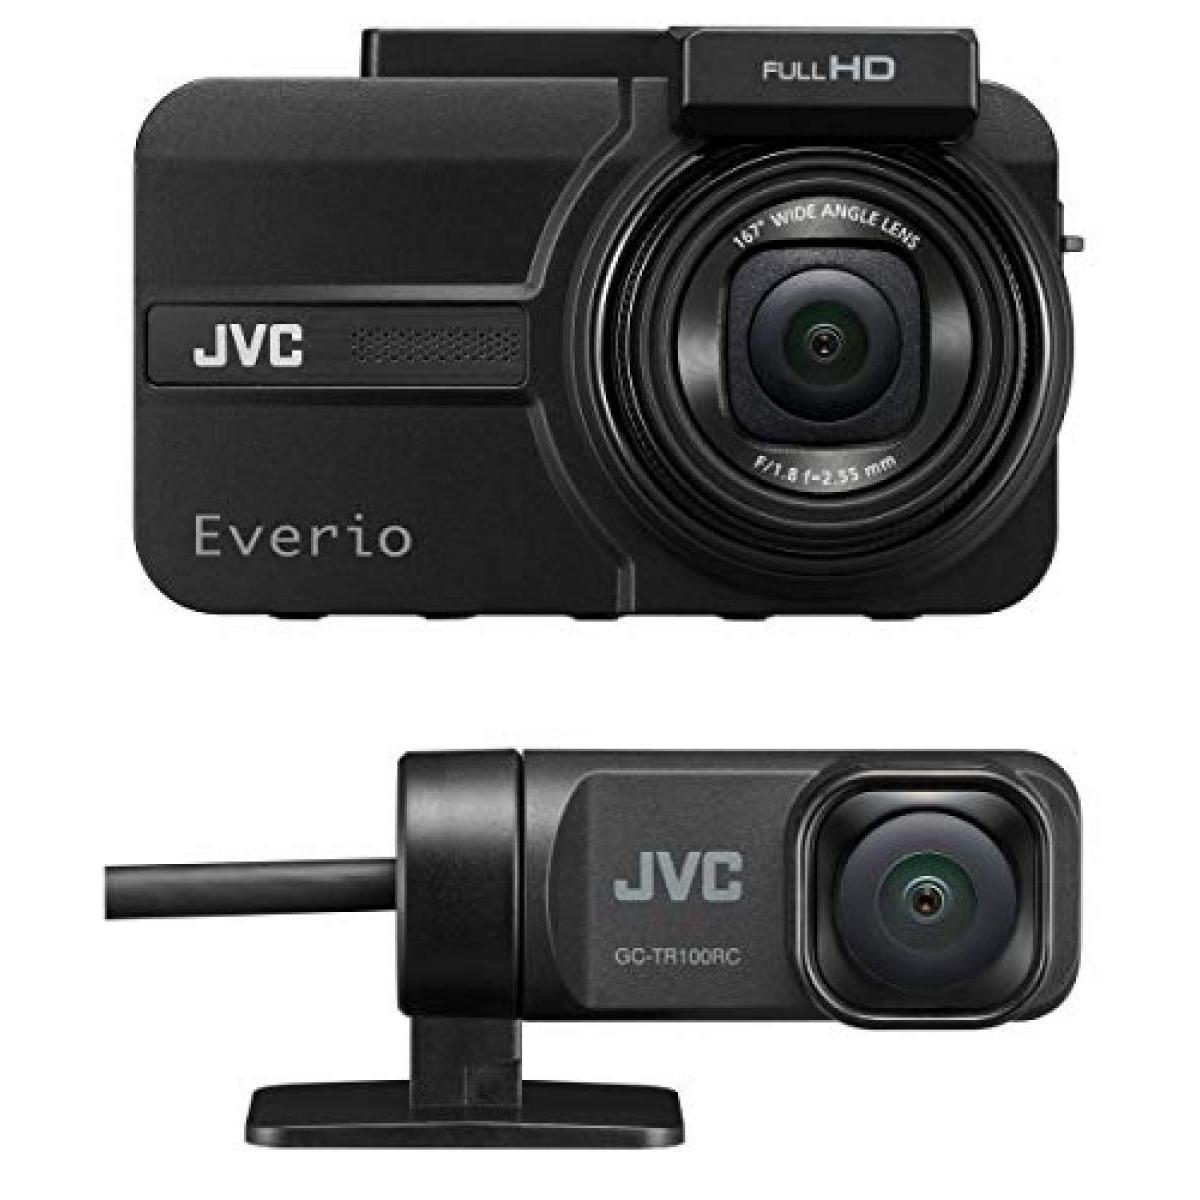 カーナビ・カーエレクトロニクス, ドライブレコーダー JVC KENWOOD GC-TR100-B 2 Everio GPS WDR microSDHC